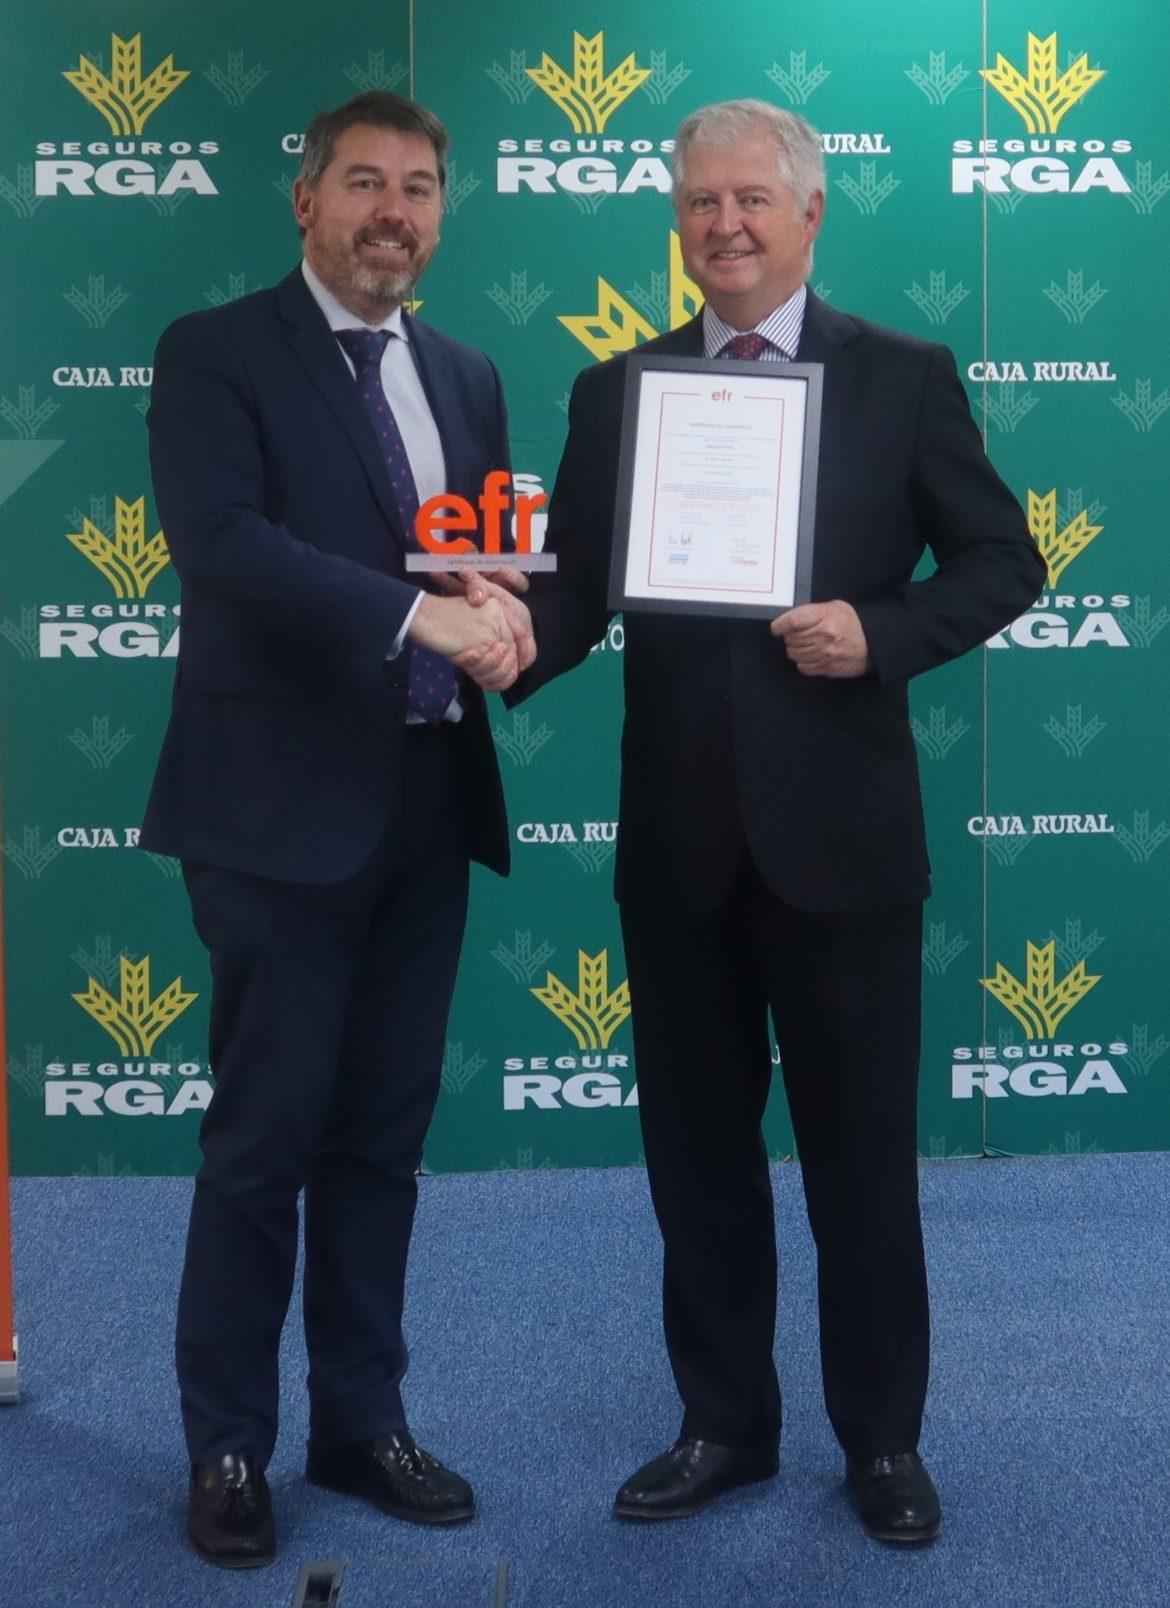 """Seguros RGA, la compañía de Seguros de Globalcaja, obtiene el la Recertificación """"efr"""""""